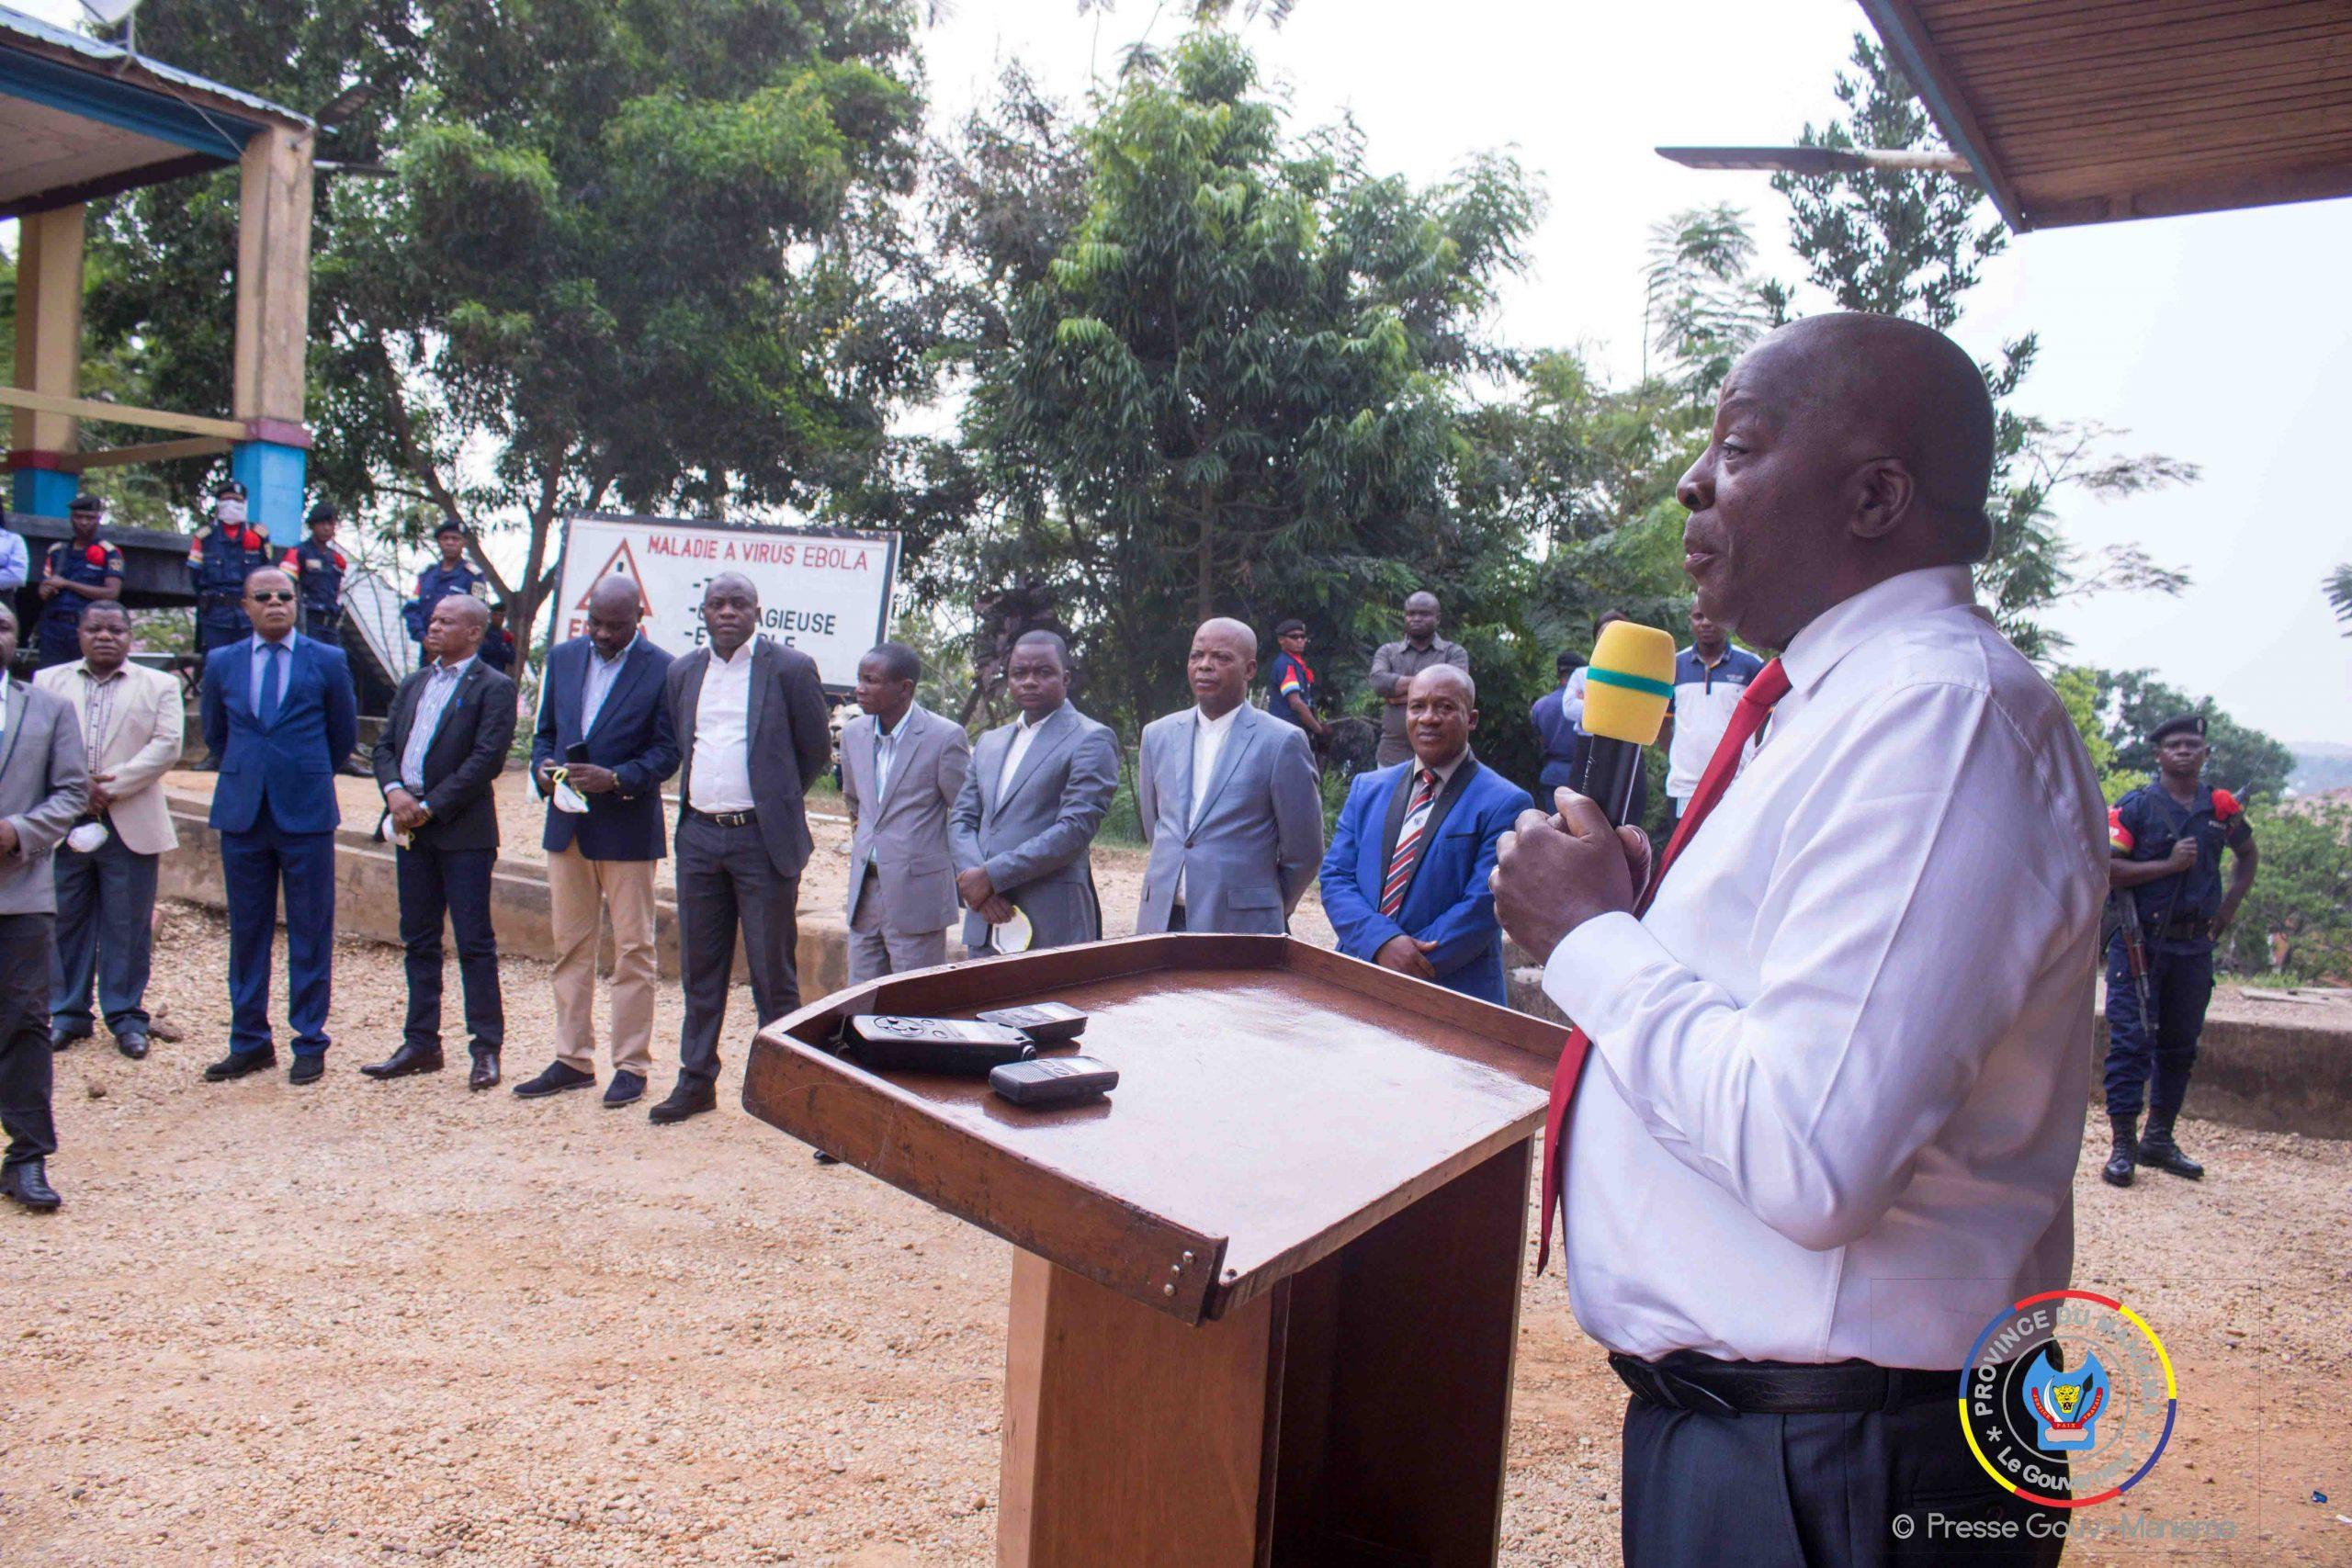 «La motion est un exercice démocratique qui ne signifie pas mon départ» Auguy Musafiri